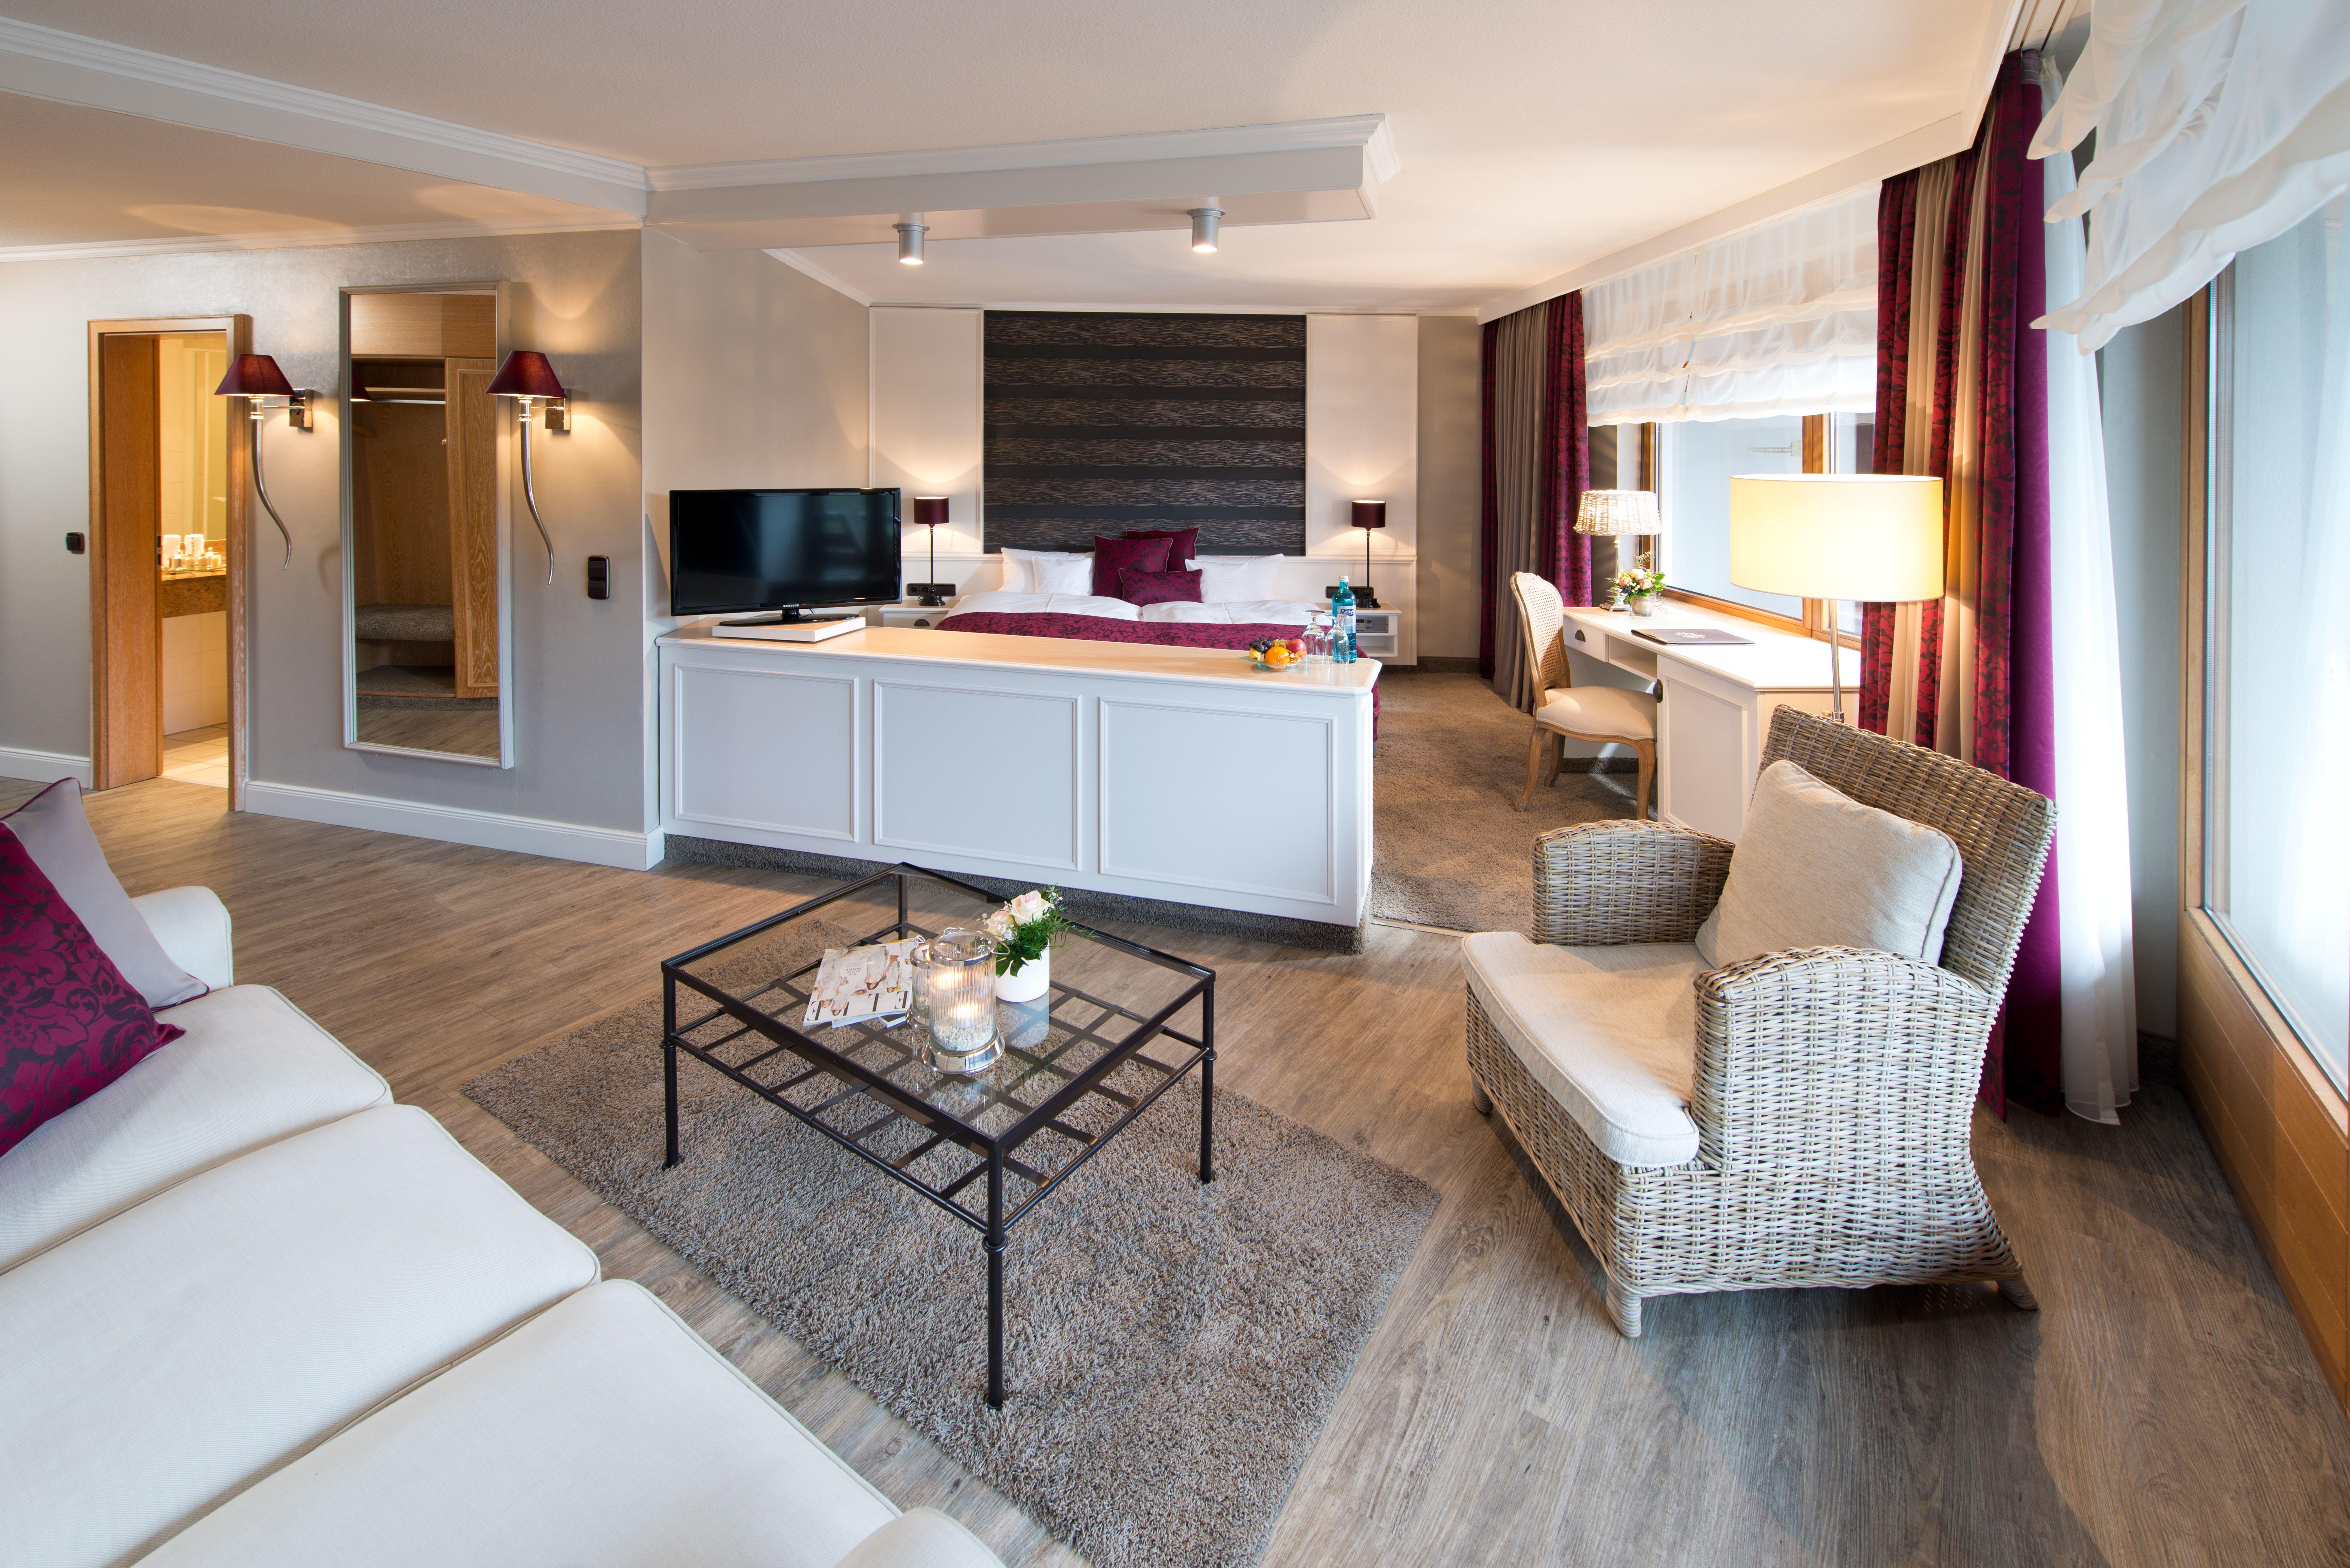 Romantischer Winkel - RoLigio & Wellness Resort - Suite